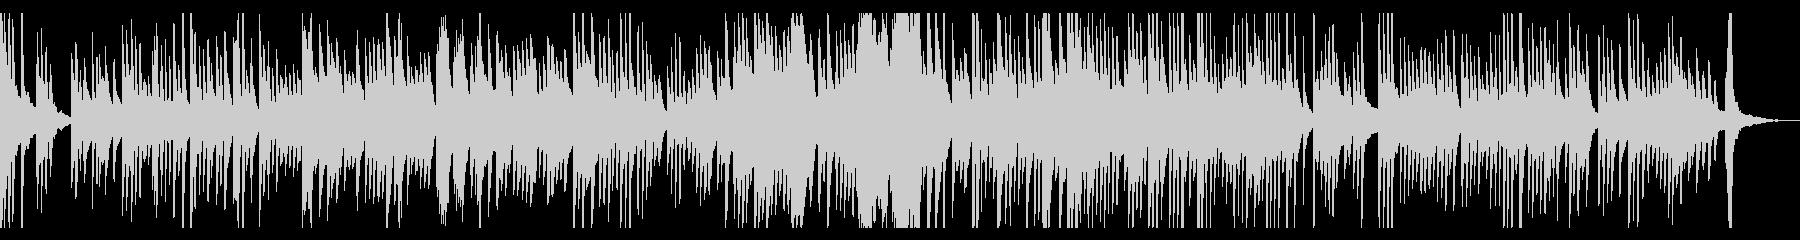 夏の夕暮れ ピアノソロの未再生の波形